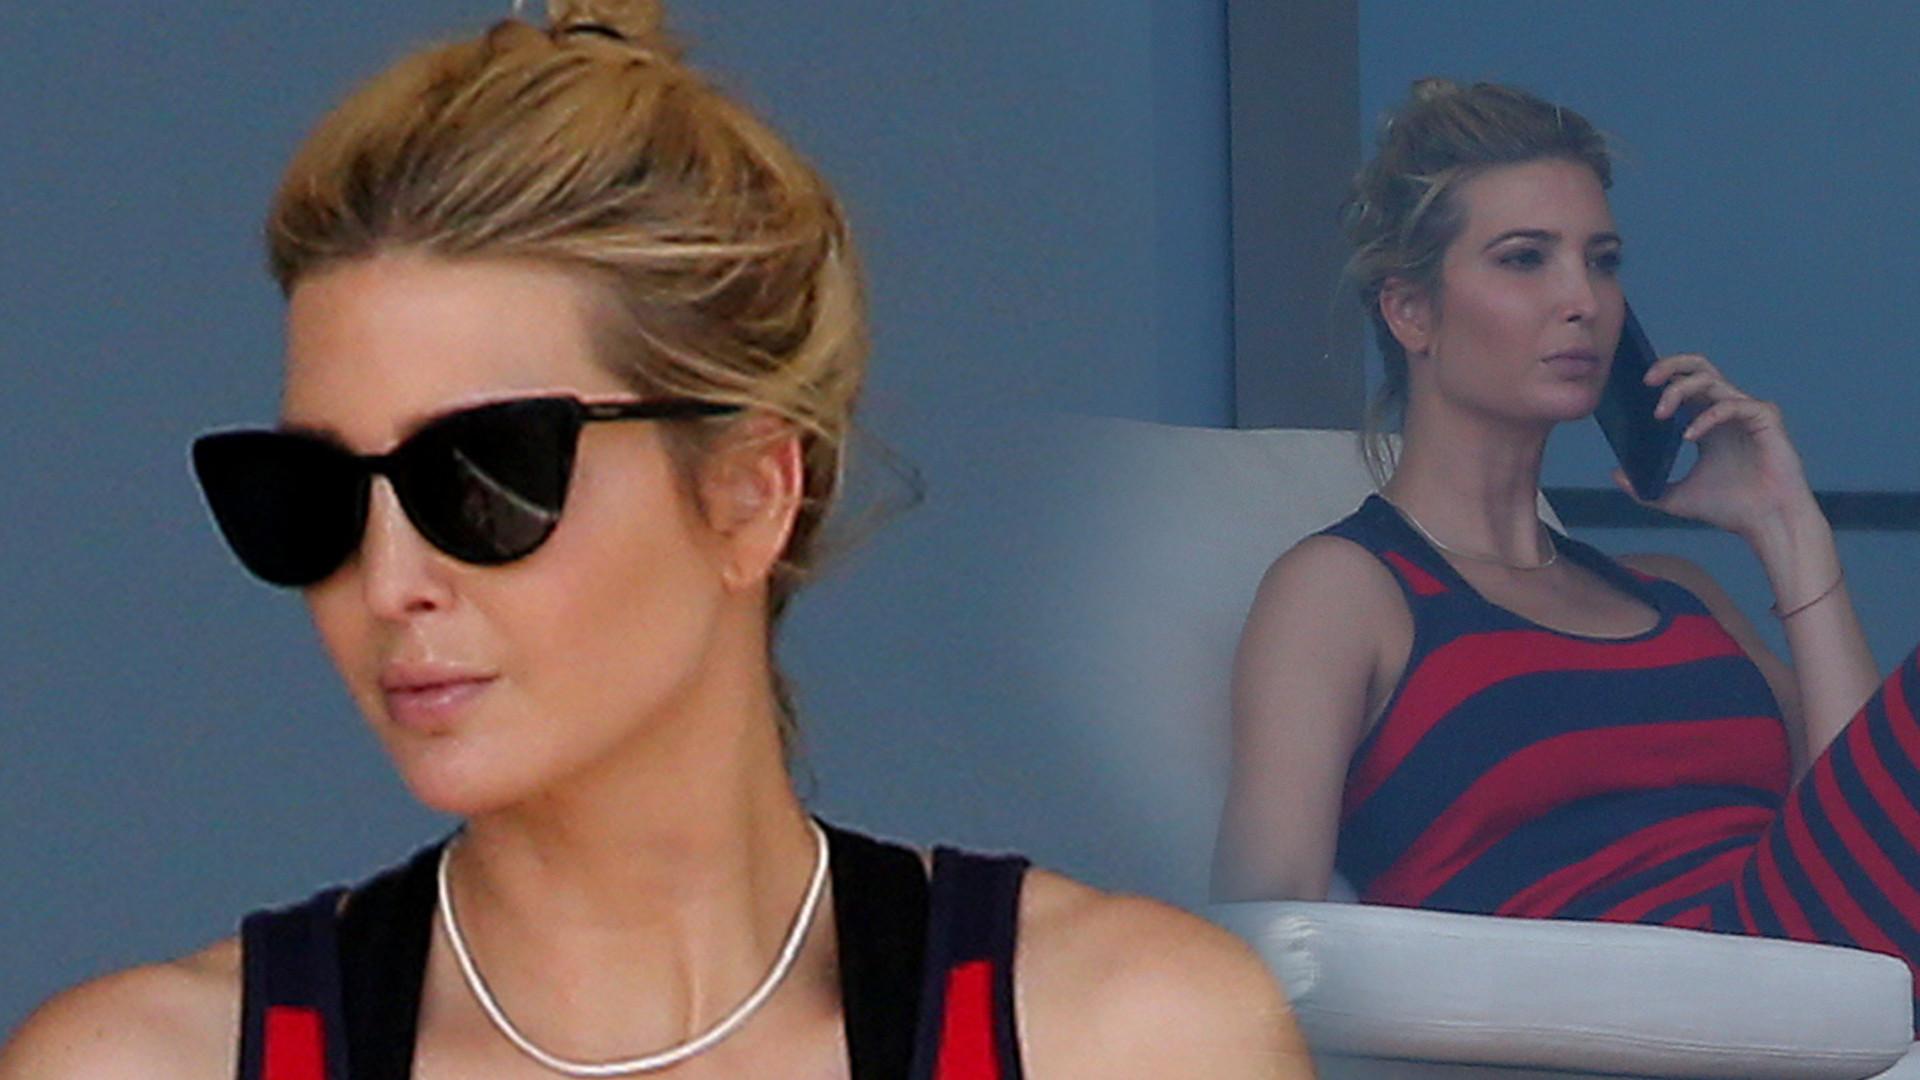 Ivanka Trump w sukience z seksownym rozcięciem relaksuje się na balkonie (ZDJĘCIA)